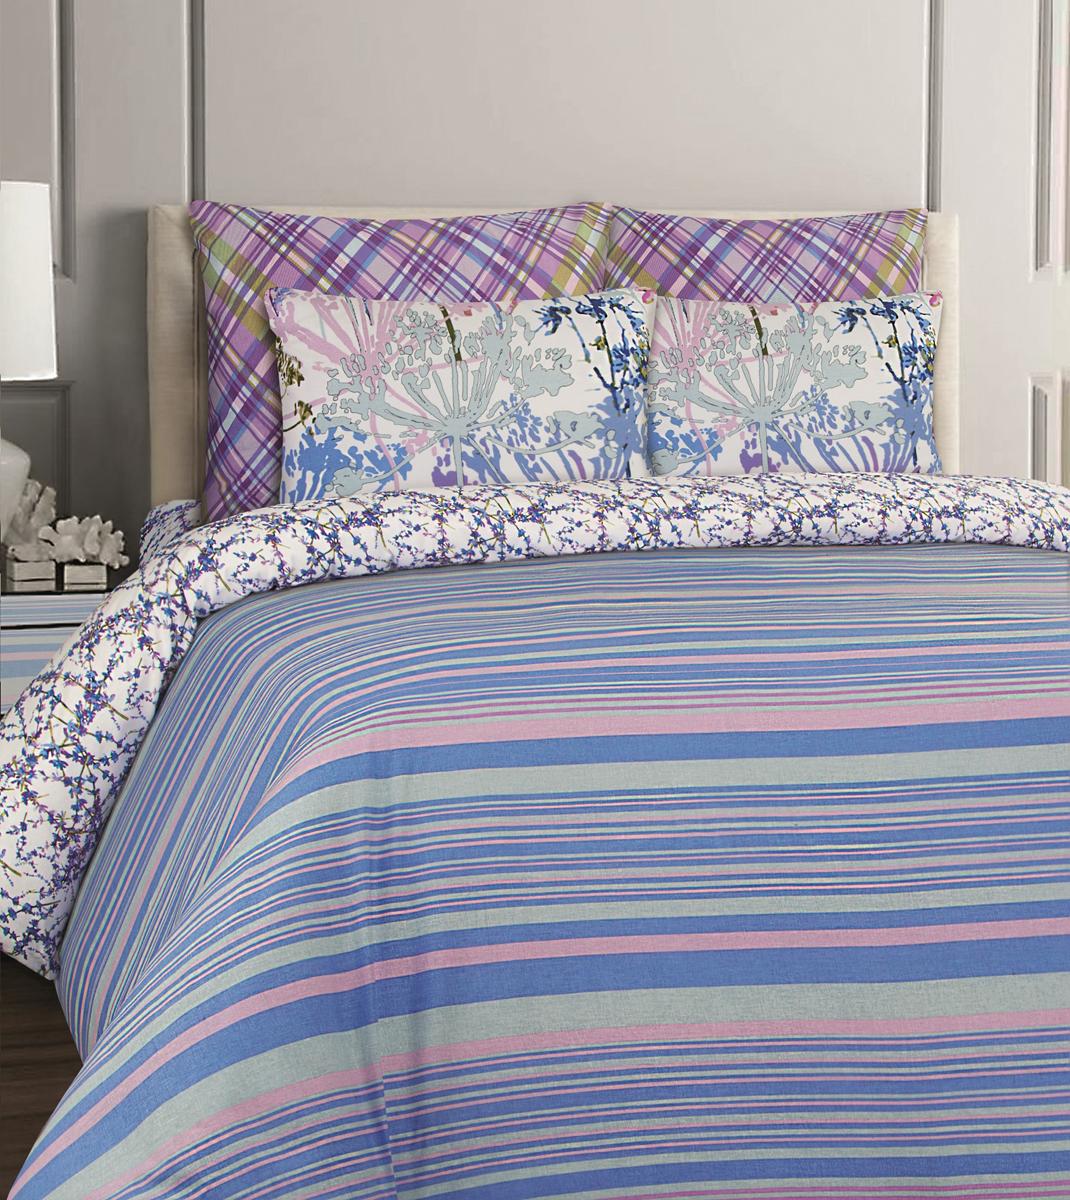 Комплект белья Mona Liza British Cheshir, 1,5-спальный, наволочки 70x70. 551114-70 комплекты белья